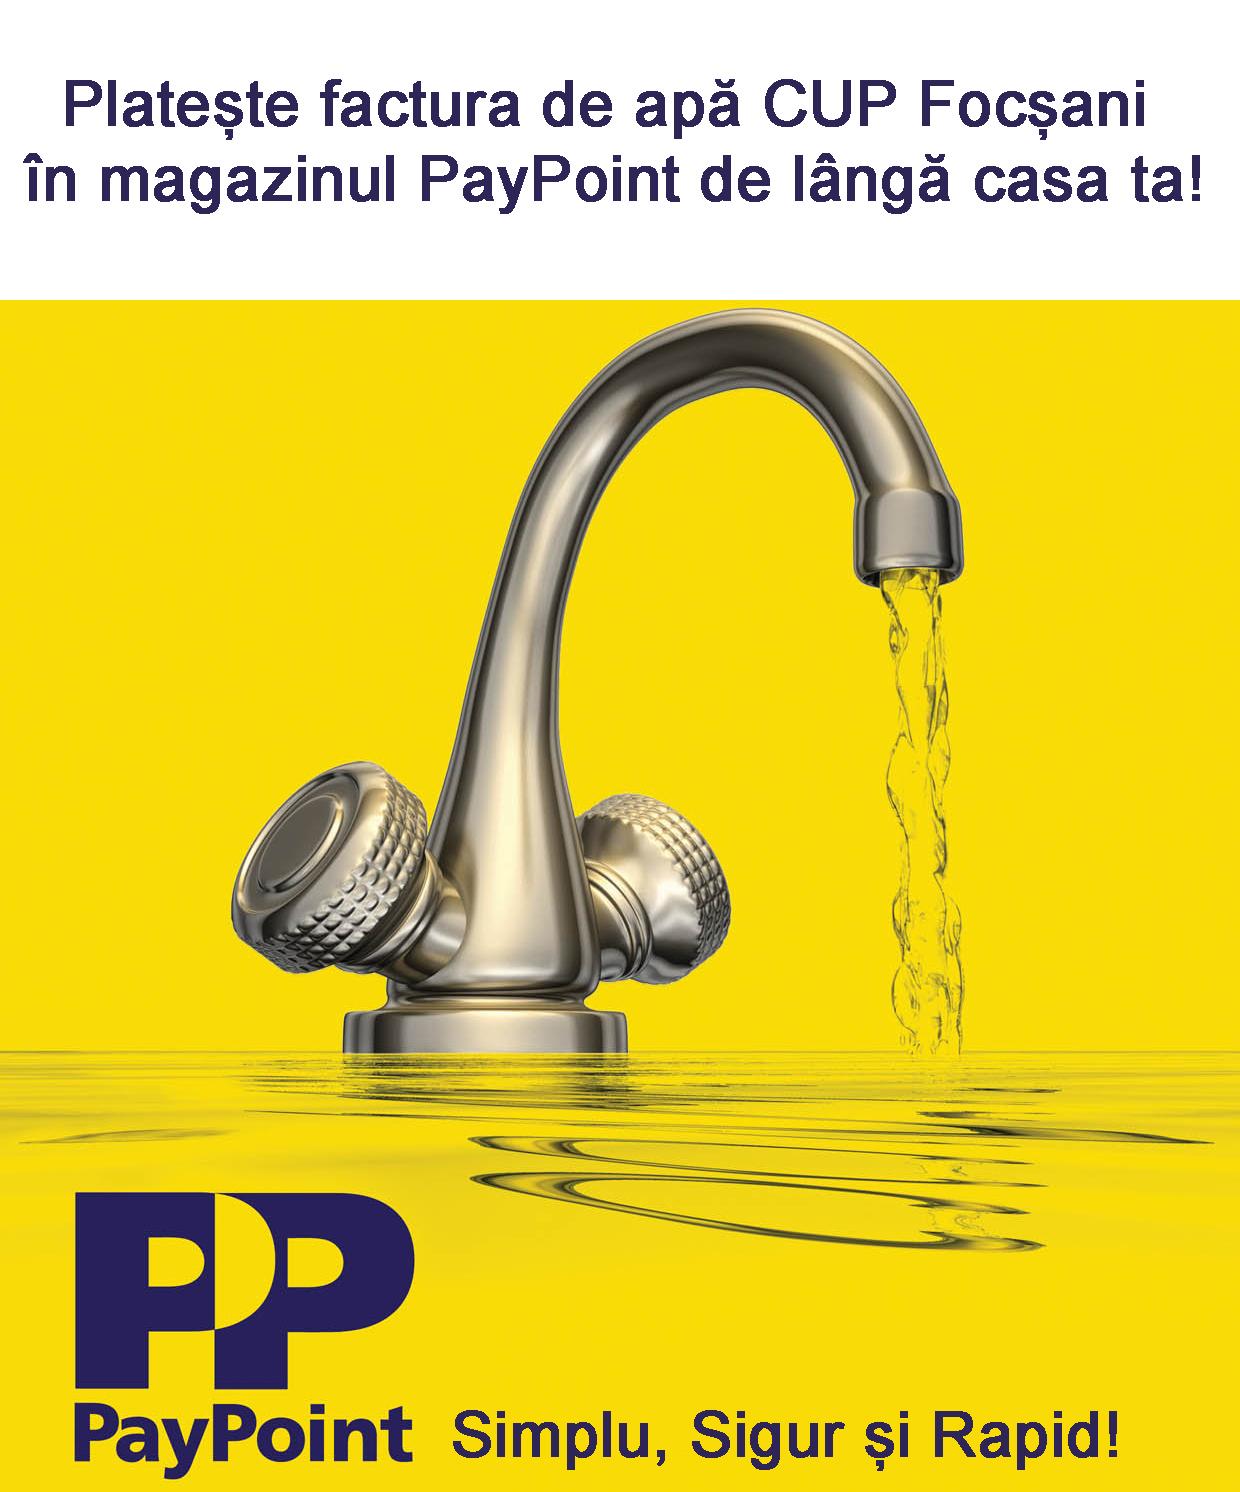 Facturile CUP Focșani pot fi plătite prin PayPoint